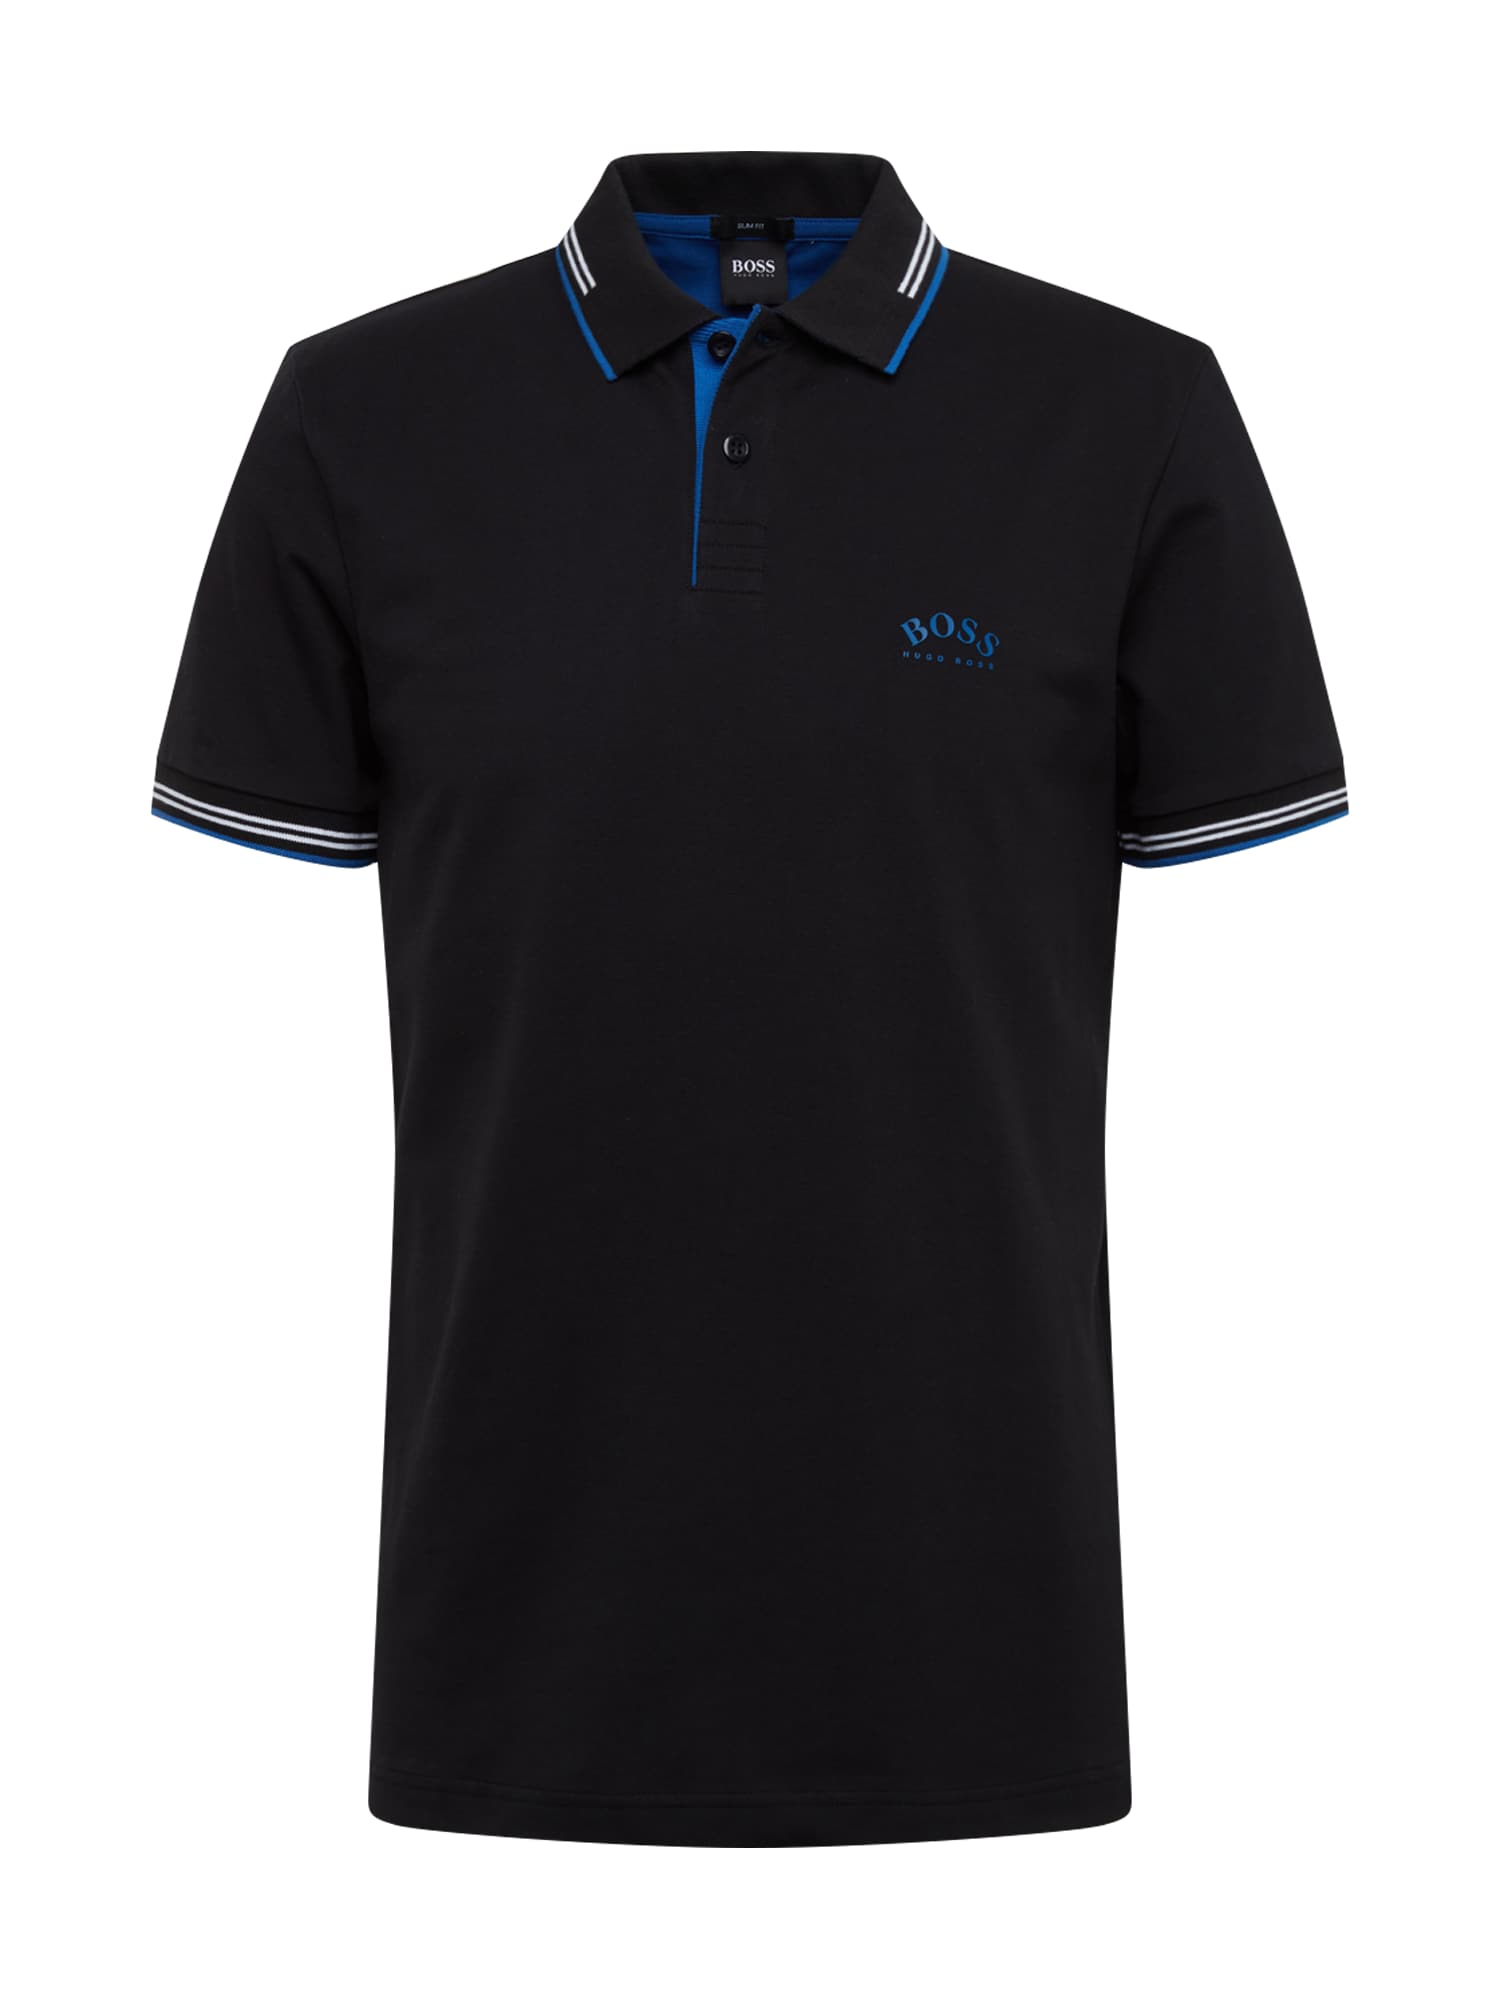 BOSS ATHLEISURE Marškinėliai 'Paul Curved' juoda